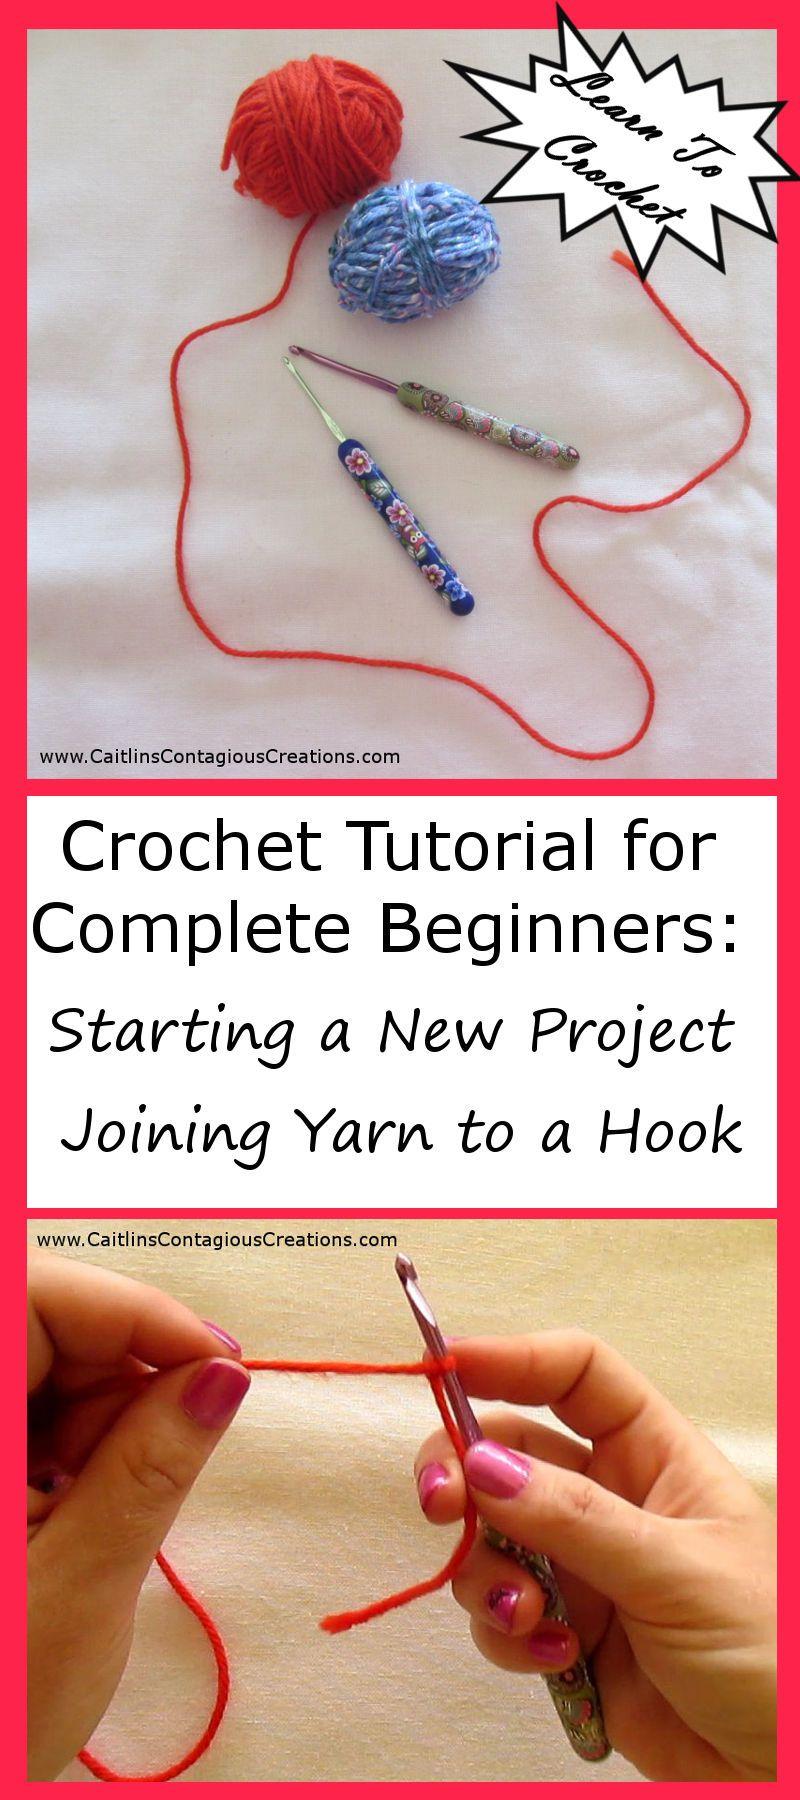 Como Aprender A Tejer Crochet Para Principiantes Joining Yarn To A Hook Beginner Crochet Tutorial Con Imagenes